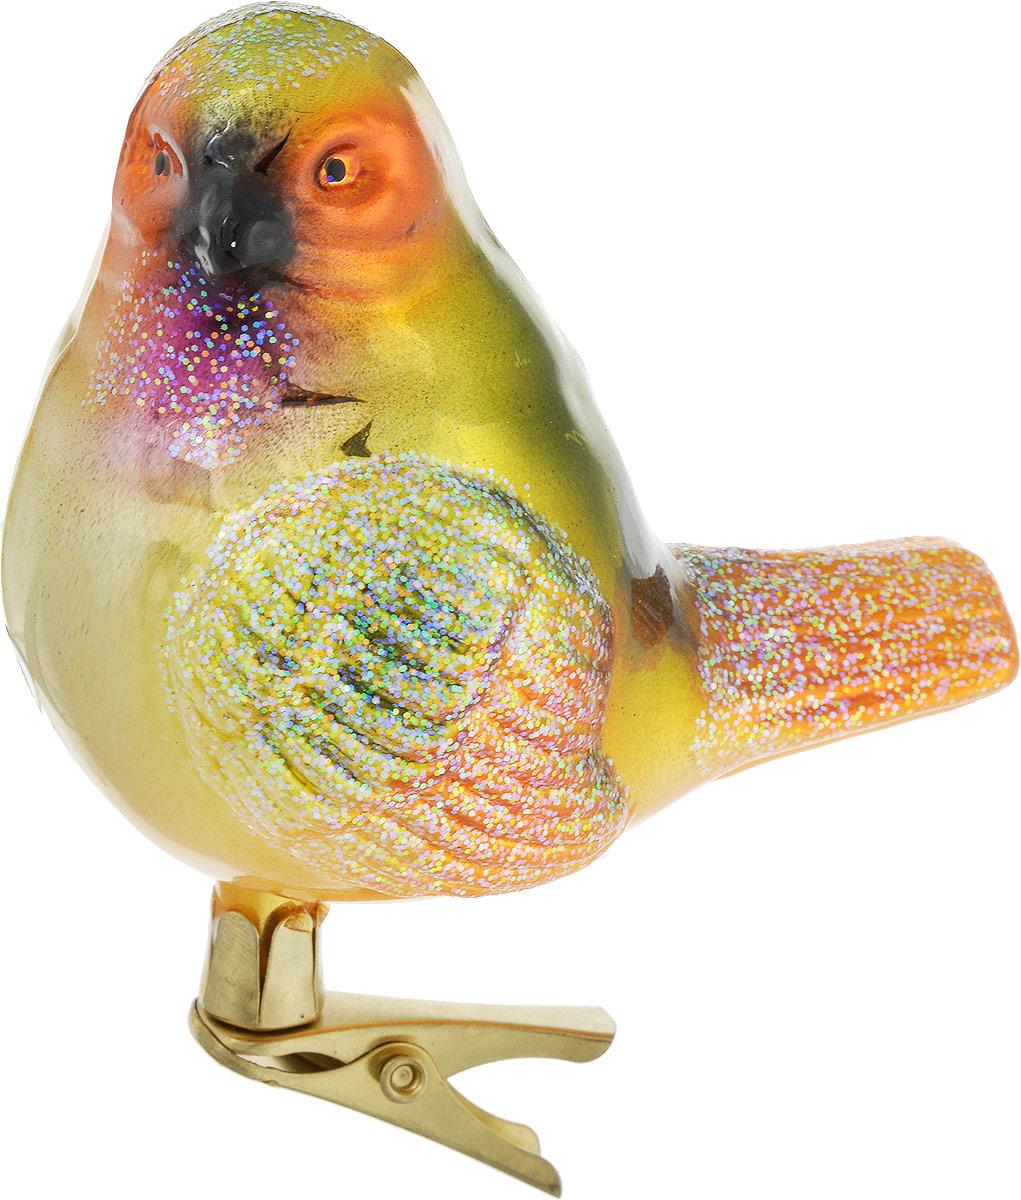 Украшение новогоднее Winter Wings Канарейка, на прищепке, цвет: зеленый, 9 х 6 х 8 смN07605_зеленыйУкрашение Winter Wings Канарейка, выполненное из стекла, прекрасно подойдет для праздничного декора вашей ели. С помощью специальной металлической прищепки его можно поместить в любом понравившемся вам месте. Но конечно удачнее всего такая игрушка будет смотреться на праздничной елке. Елочная игрушка - символ Нового года и Рождества. Она несет в себе волшебство и красоту праздника. Создайте в своем доме атмосферу веселья и радости, украшая новогоднюю елку нарядными игрушками, которые